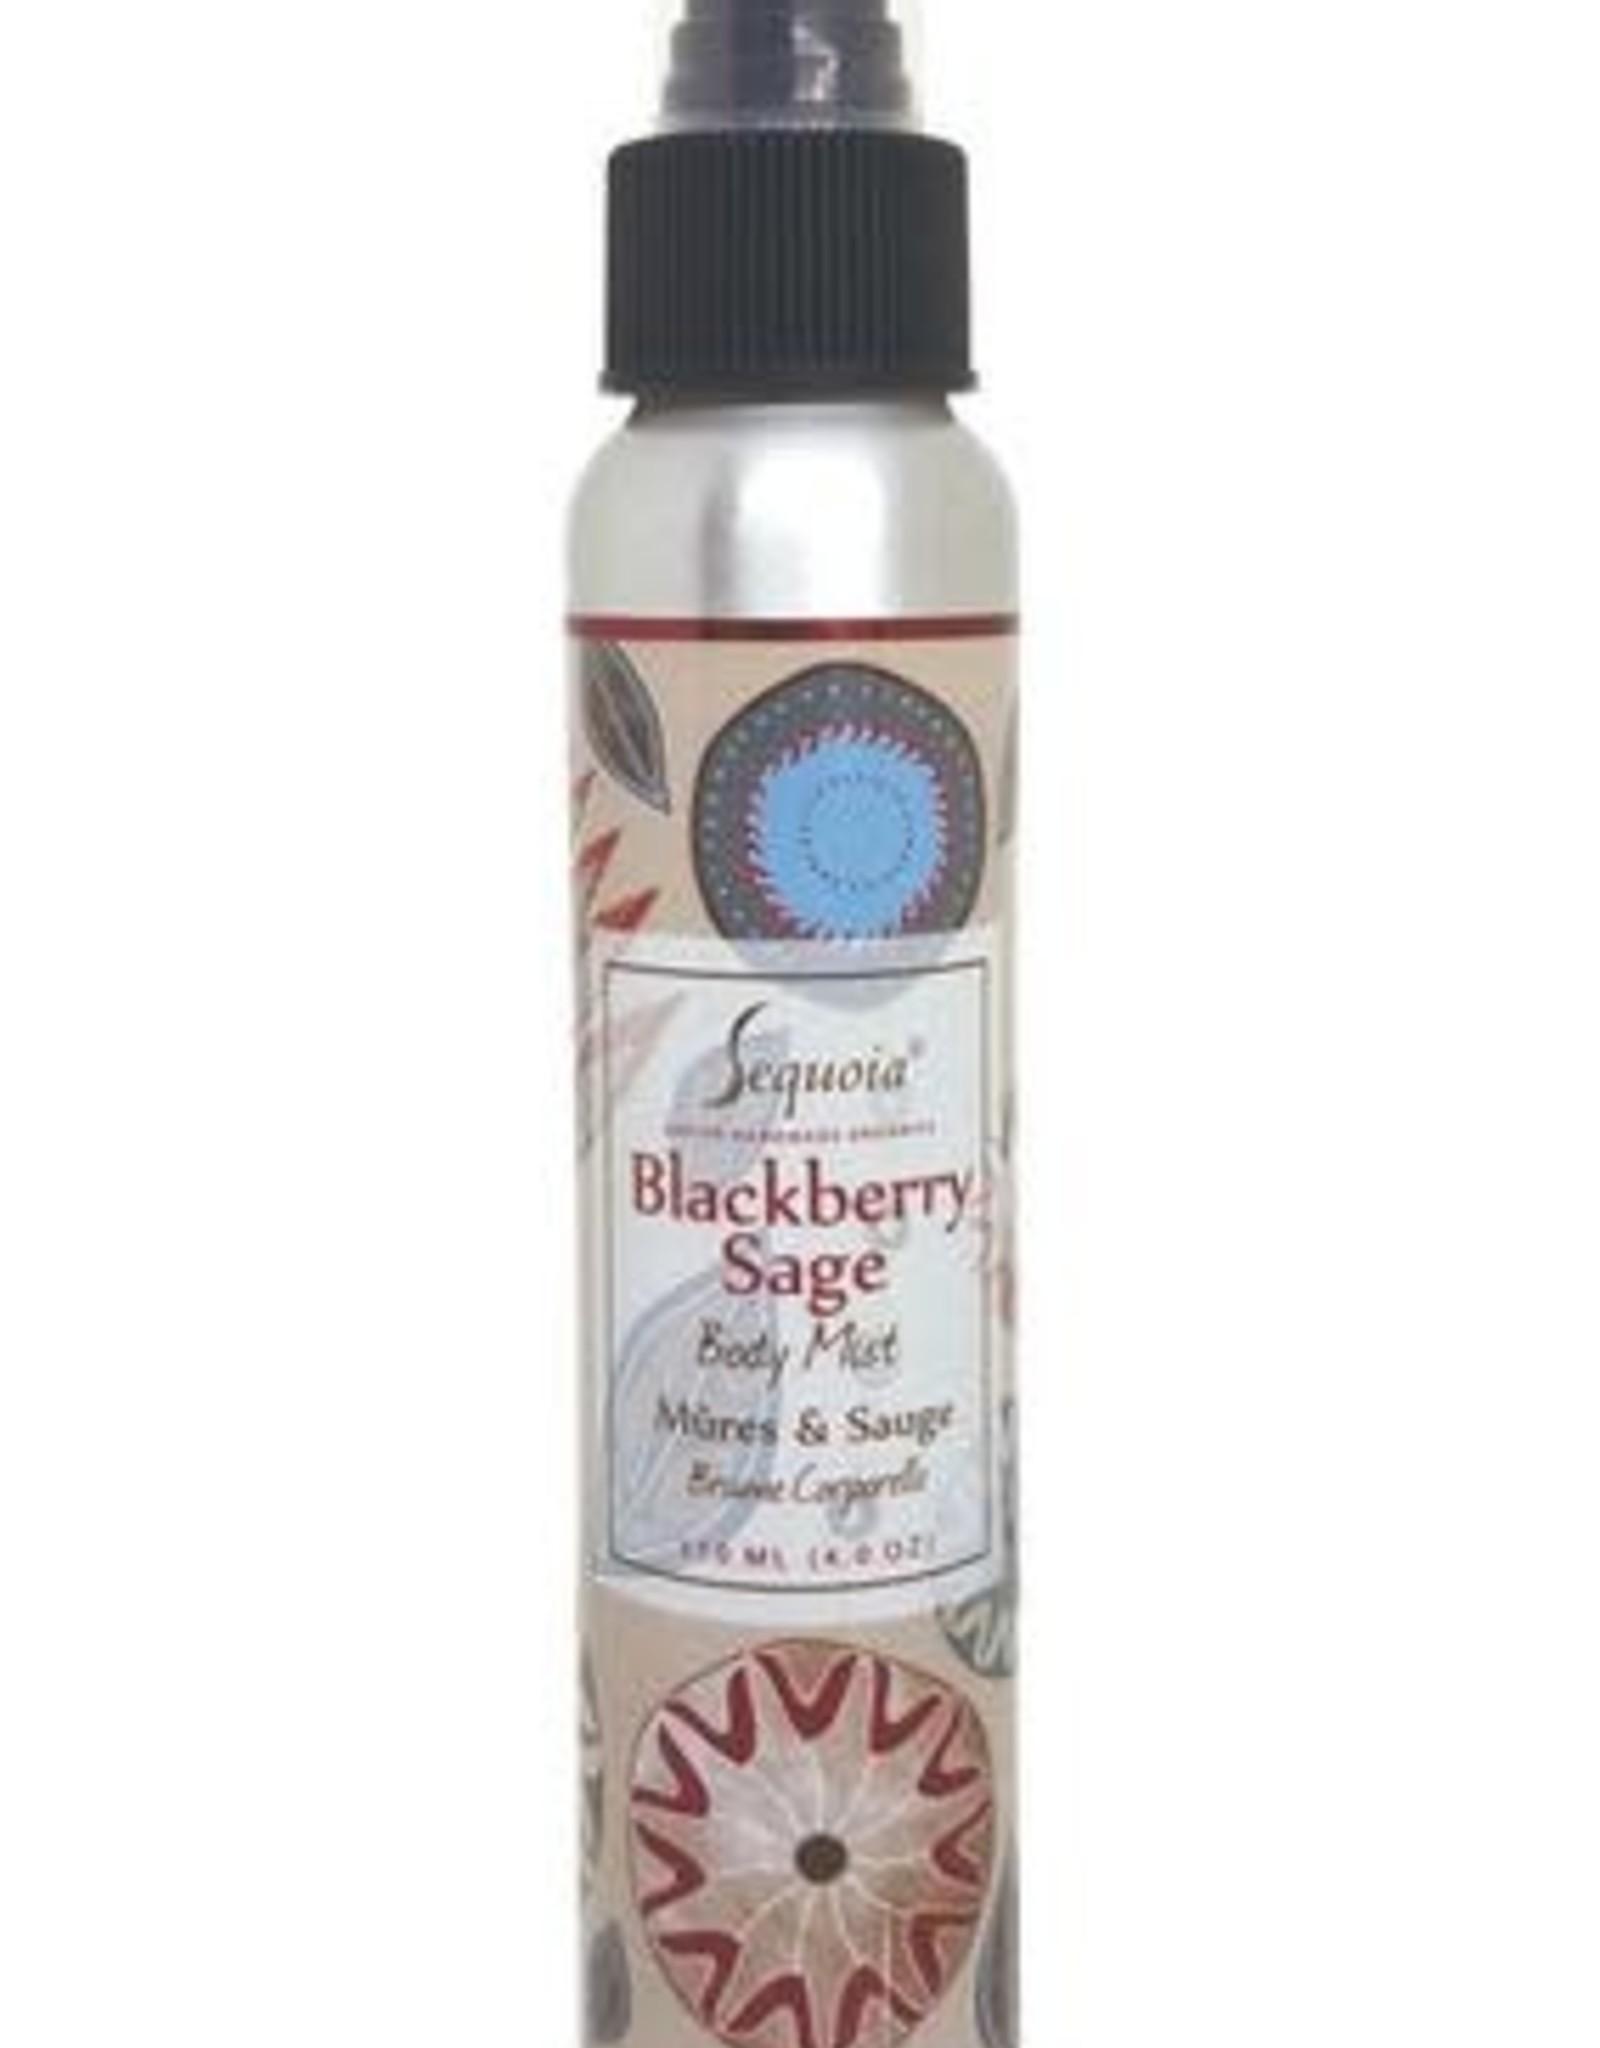 Sequoia 4oz body mist- Blackberry Sage